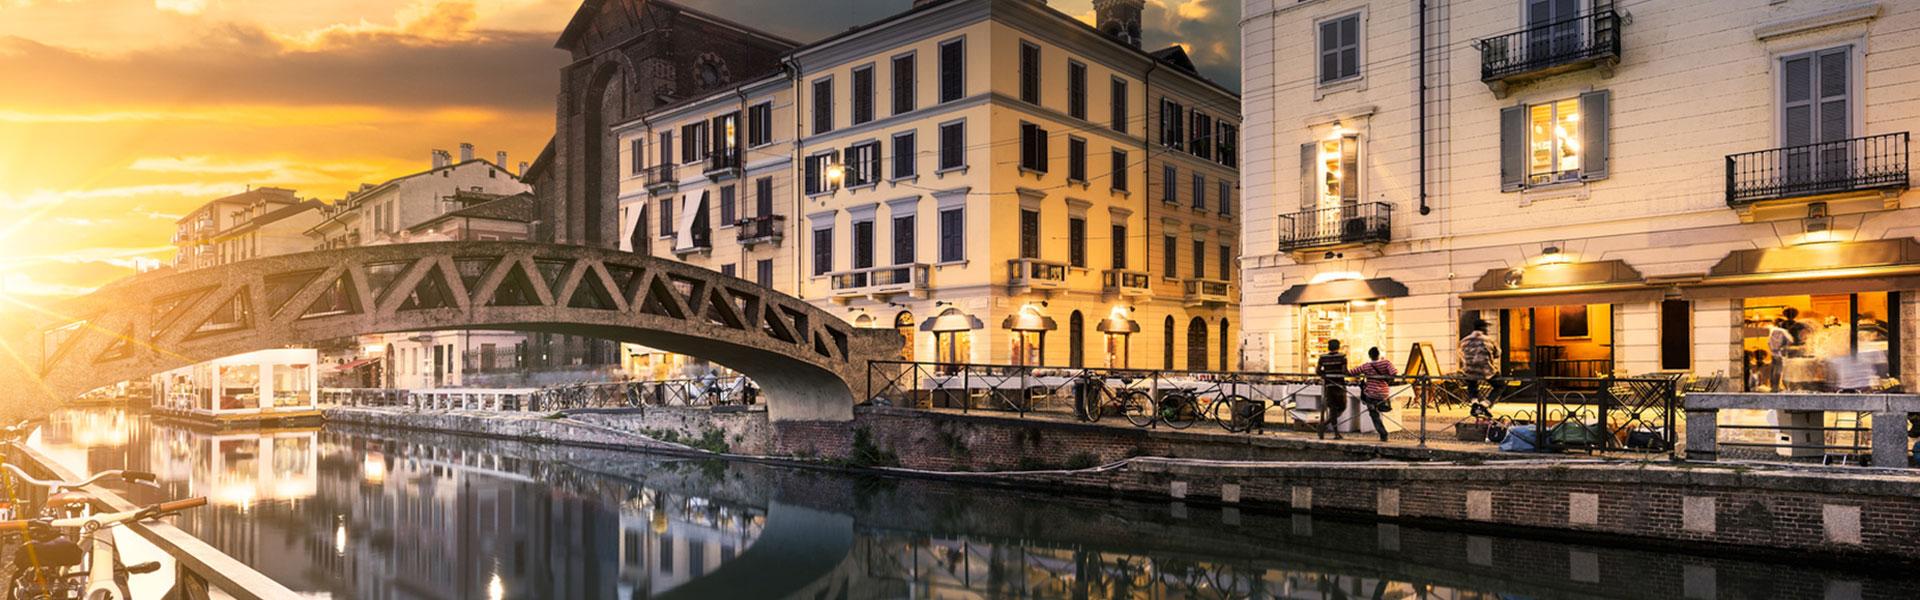 Orim srl agenzia immobiliare milano home - Agenzia immobiliare porta romana ...